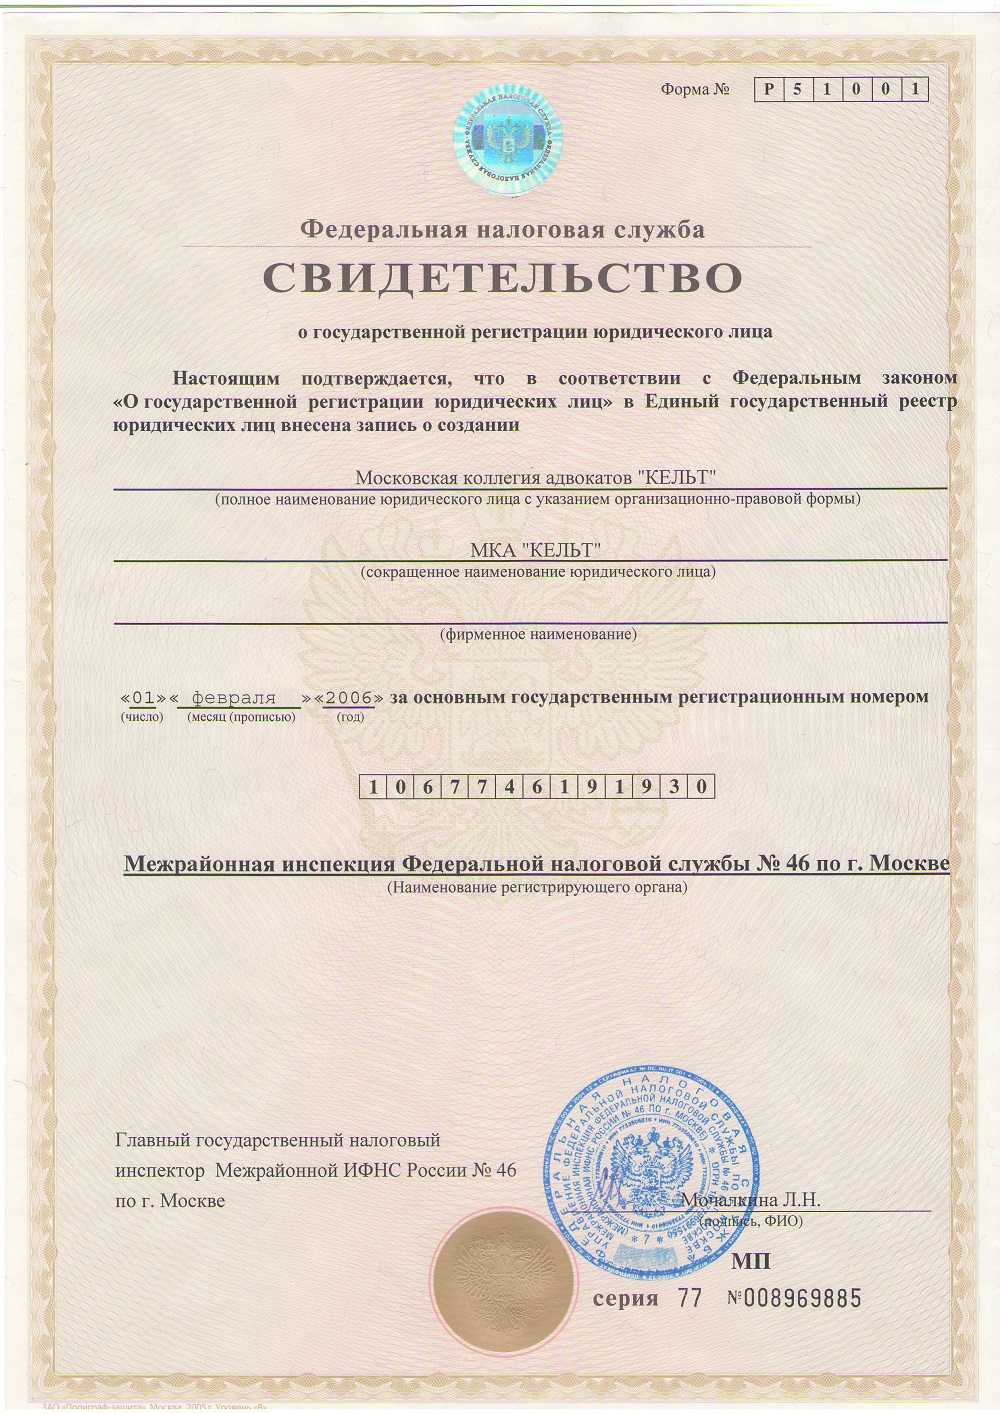 коллегия адвокатов коллеги москва